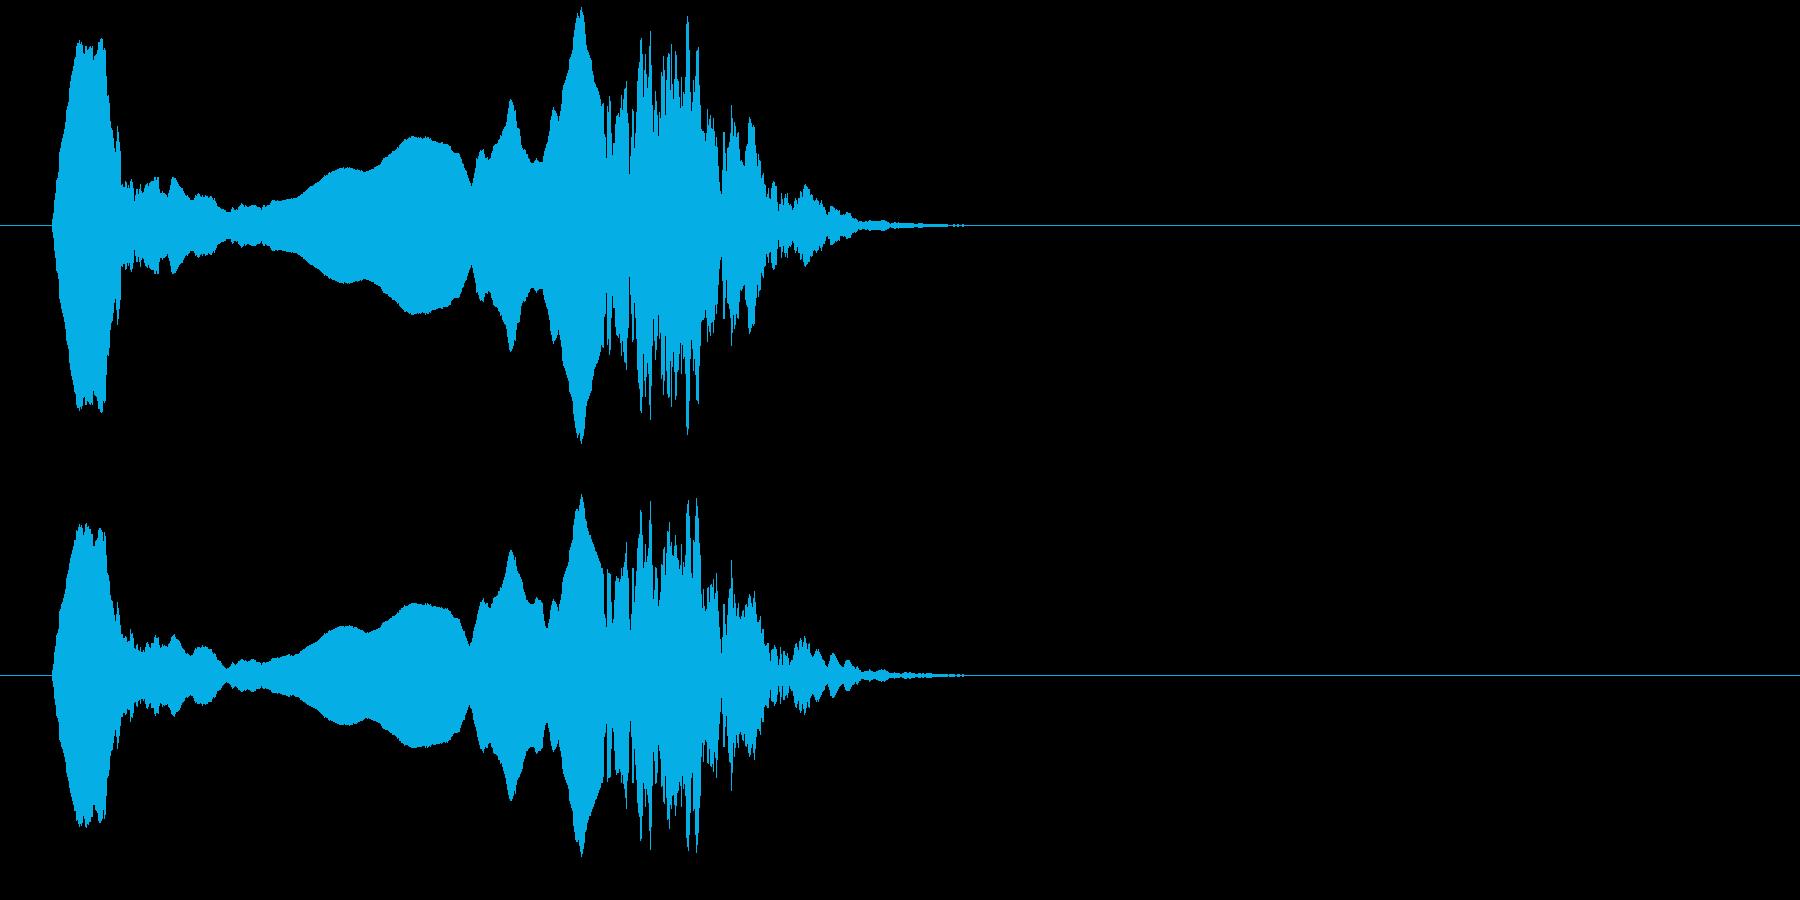 フレンチホーンモチーフ;衝撃的なモ...の再生済みの波形